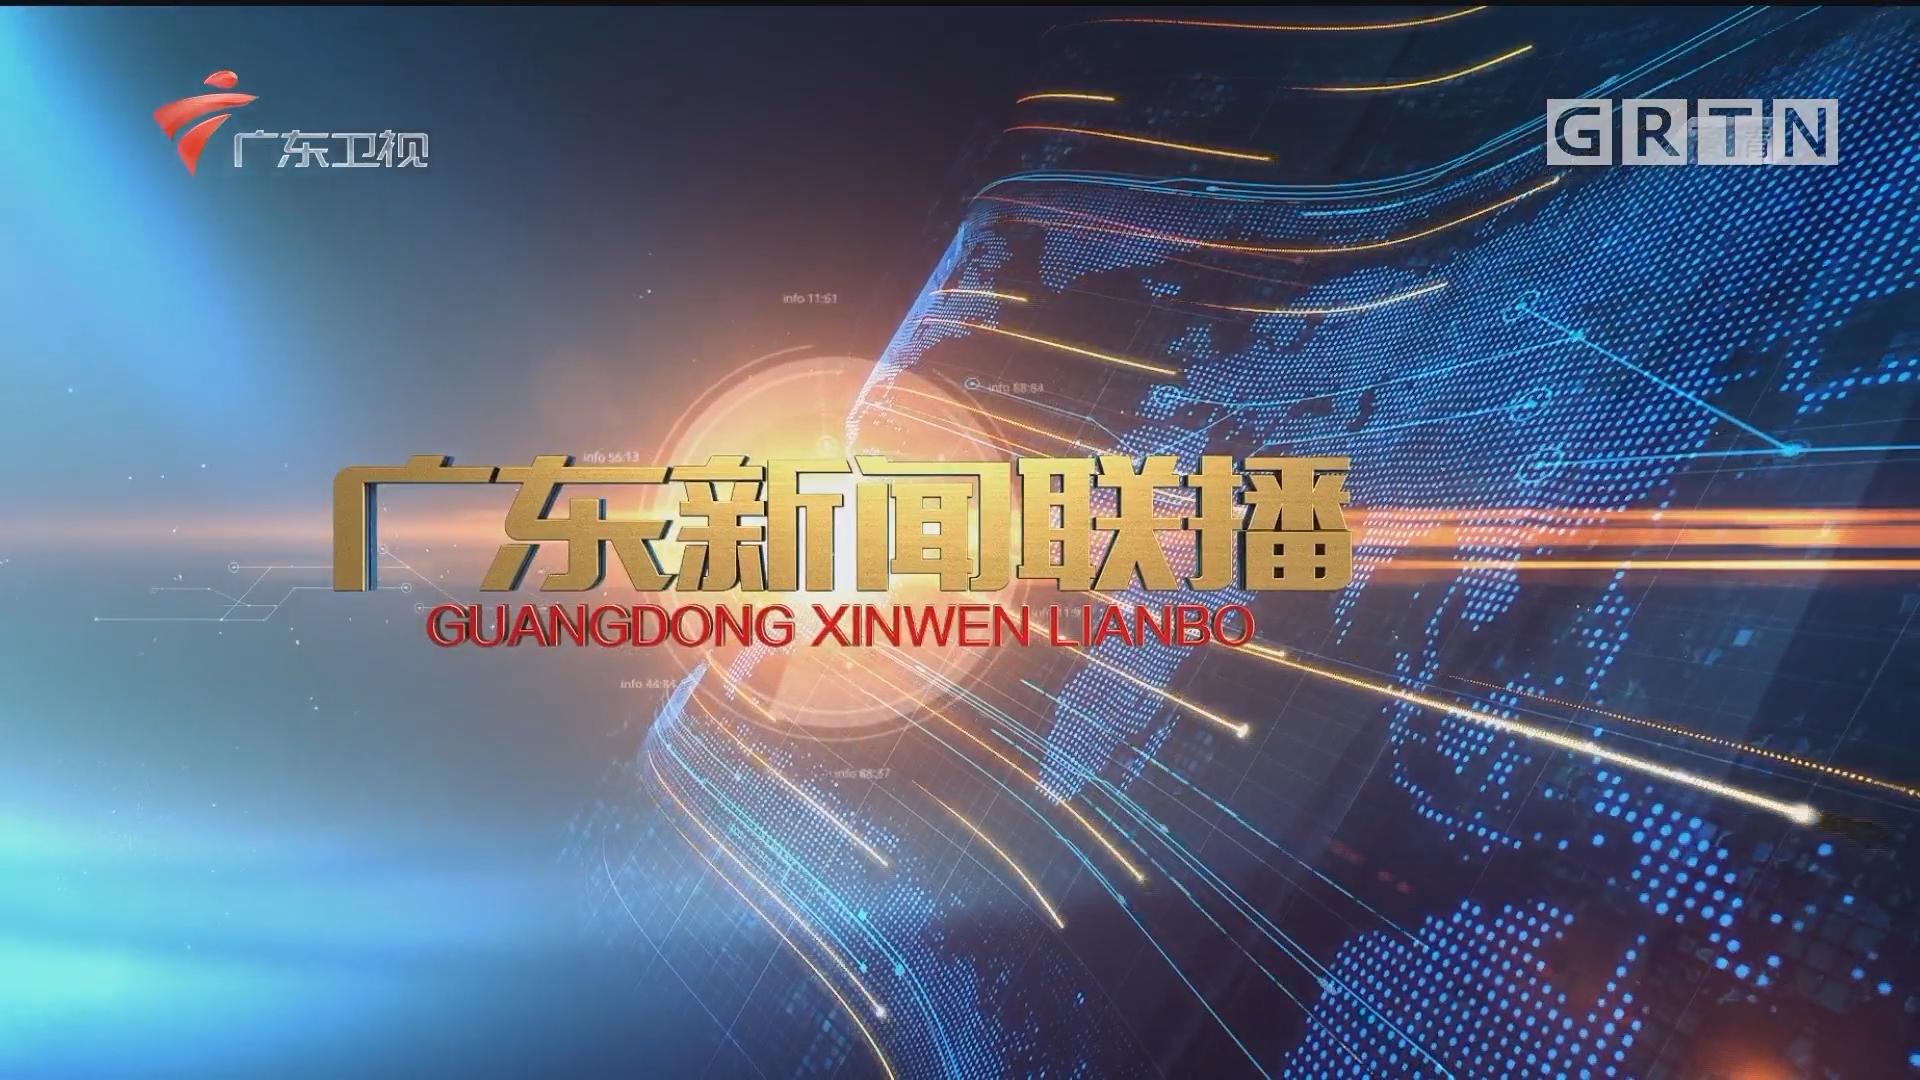 [HD][2017-10-16]广东新闻联播:出席十九大的广东代表抵达北京